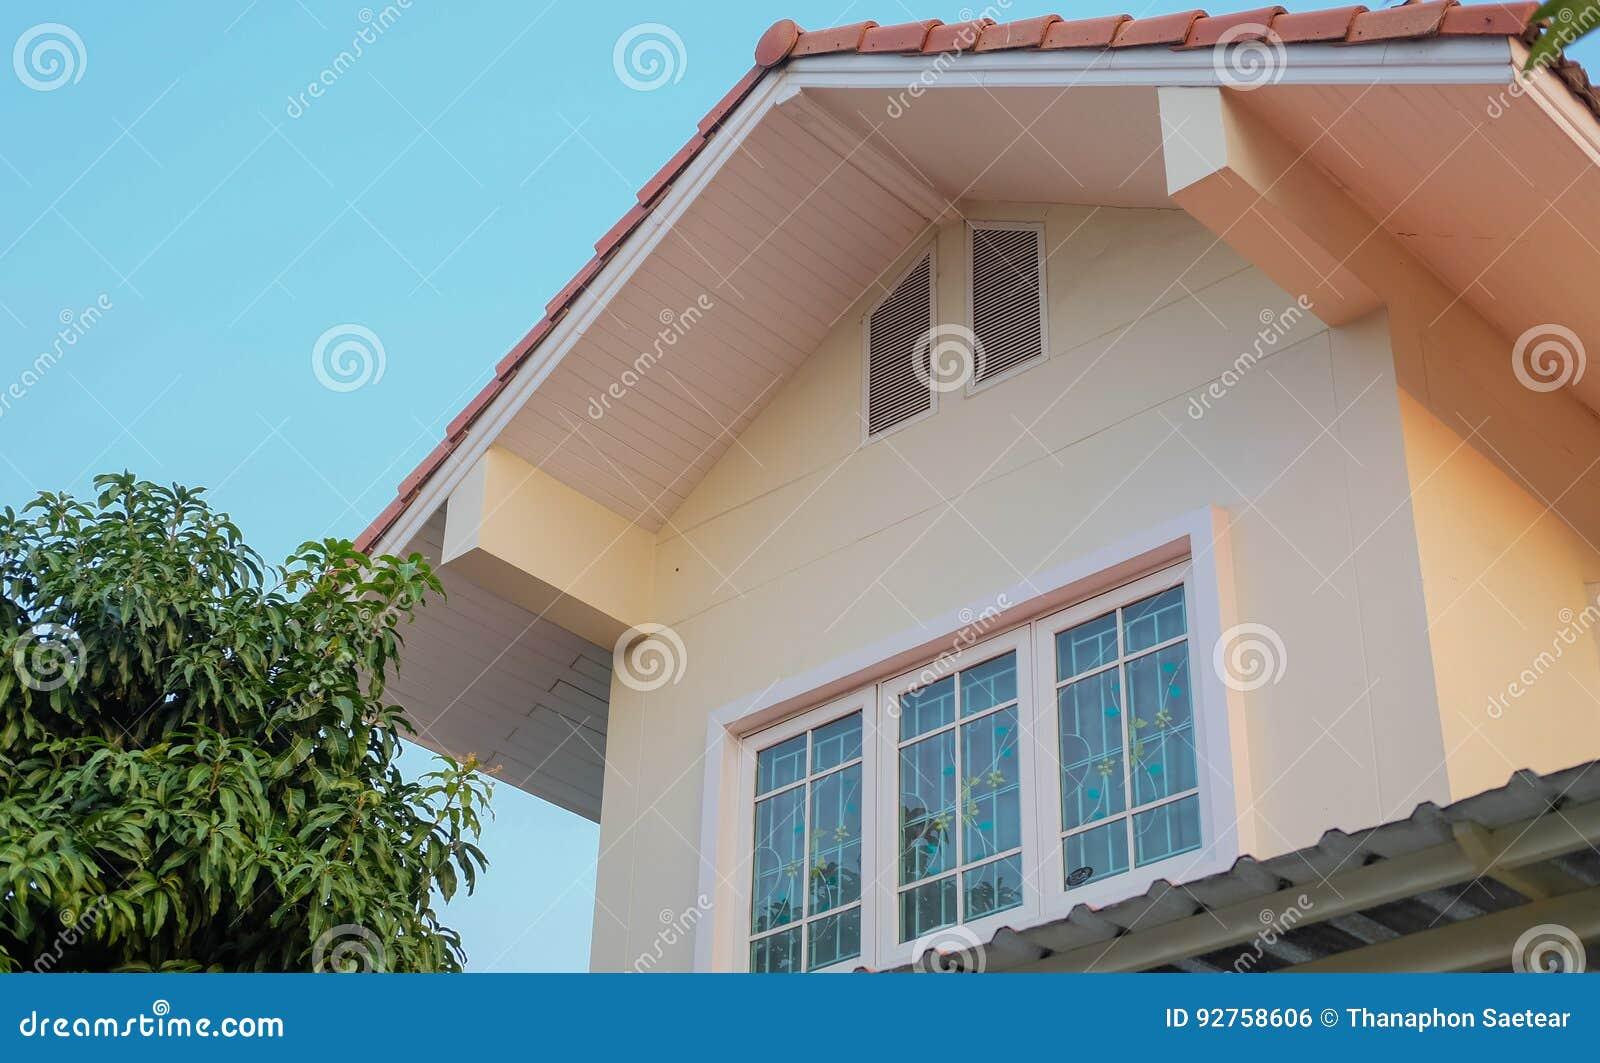 Haus Außen Mit Dachbodenfenstern Stockfoto - Bild von fenster ...